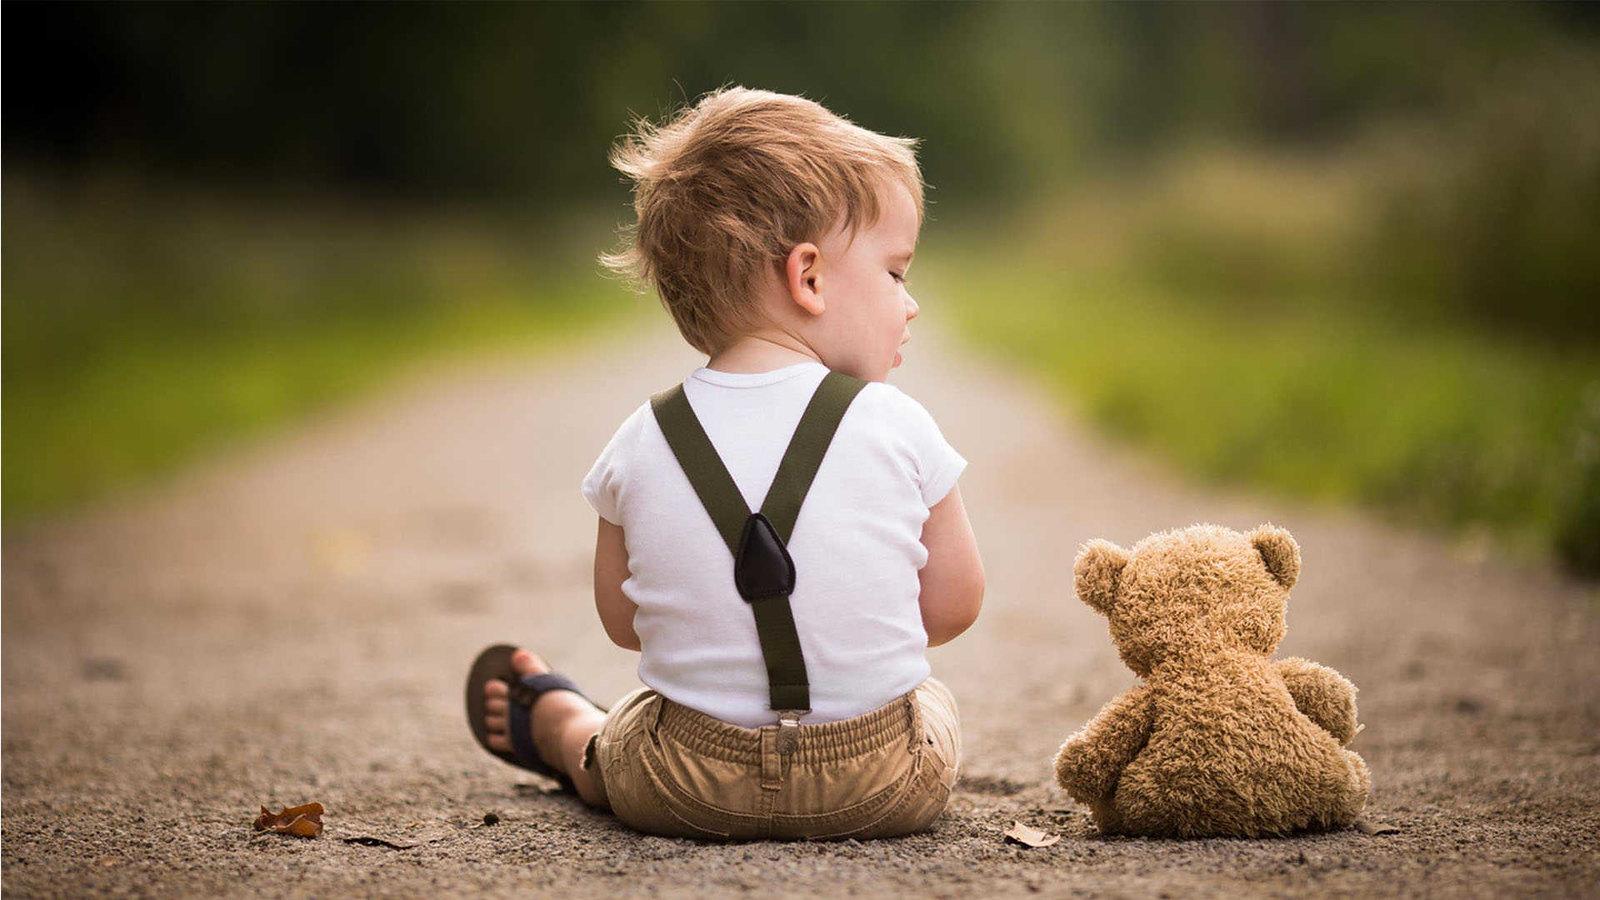 Cute Teddy Bear HD Wallpapers